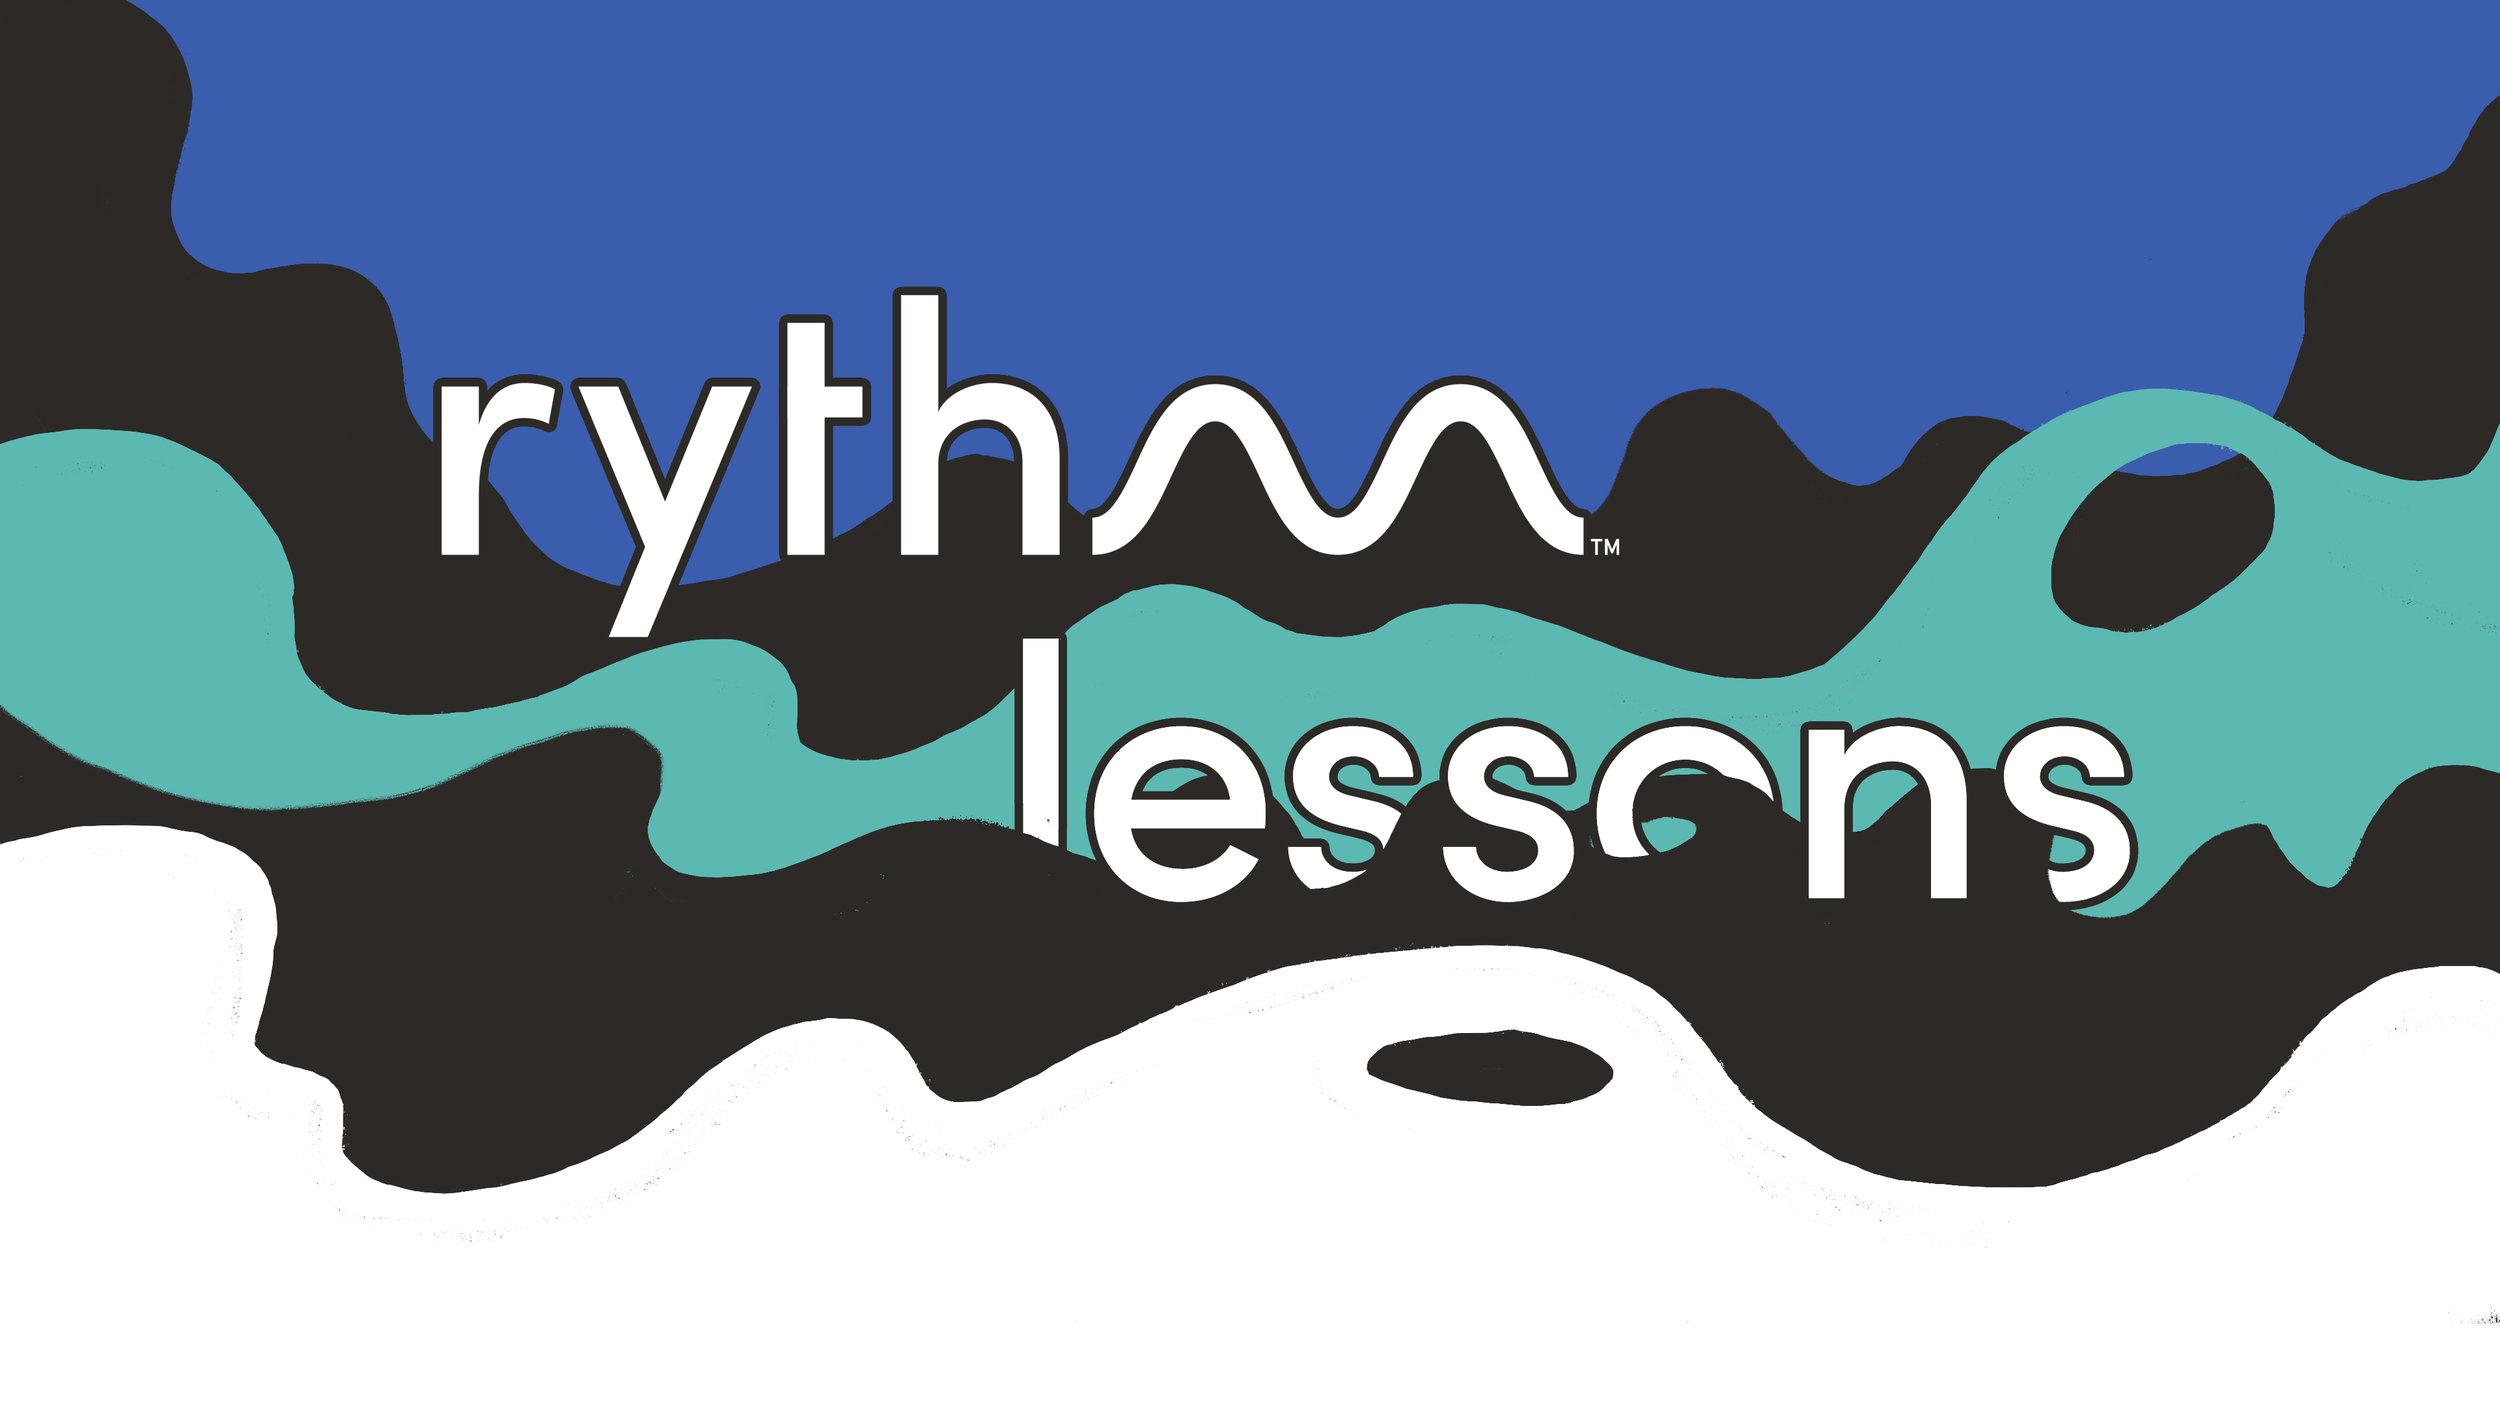 rythm_waves02_v02.jpg